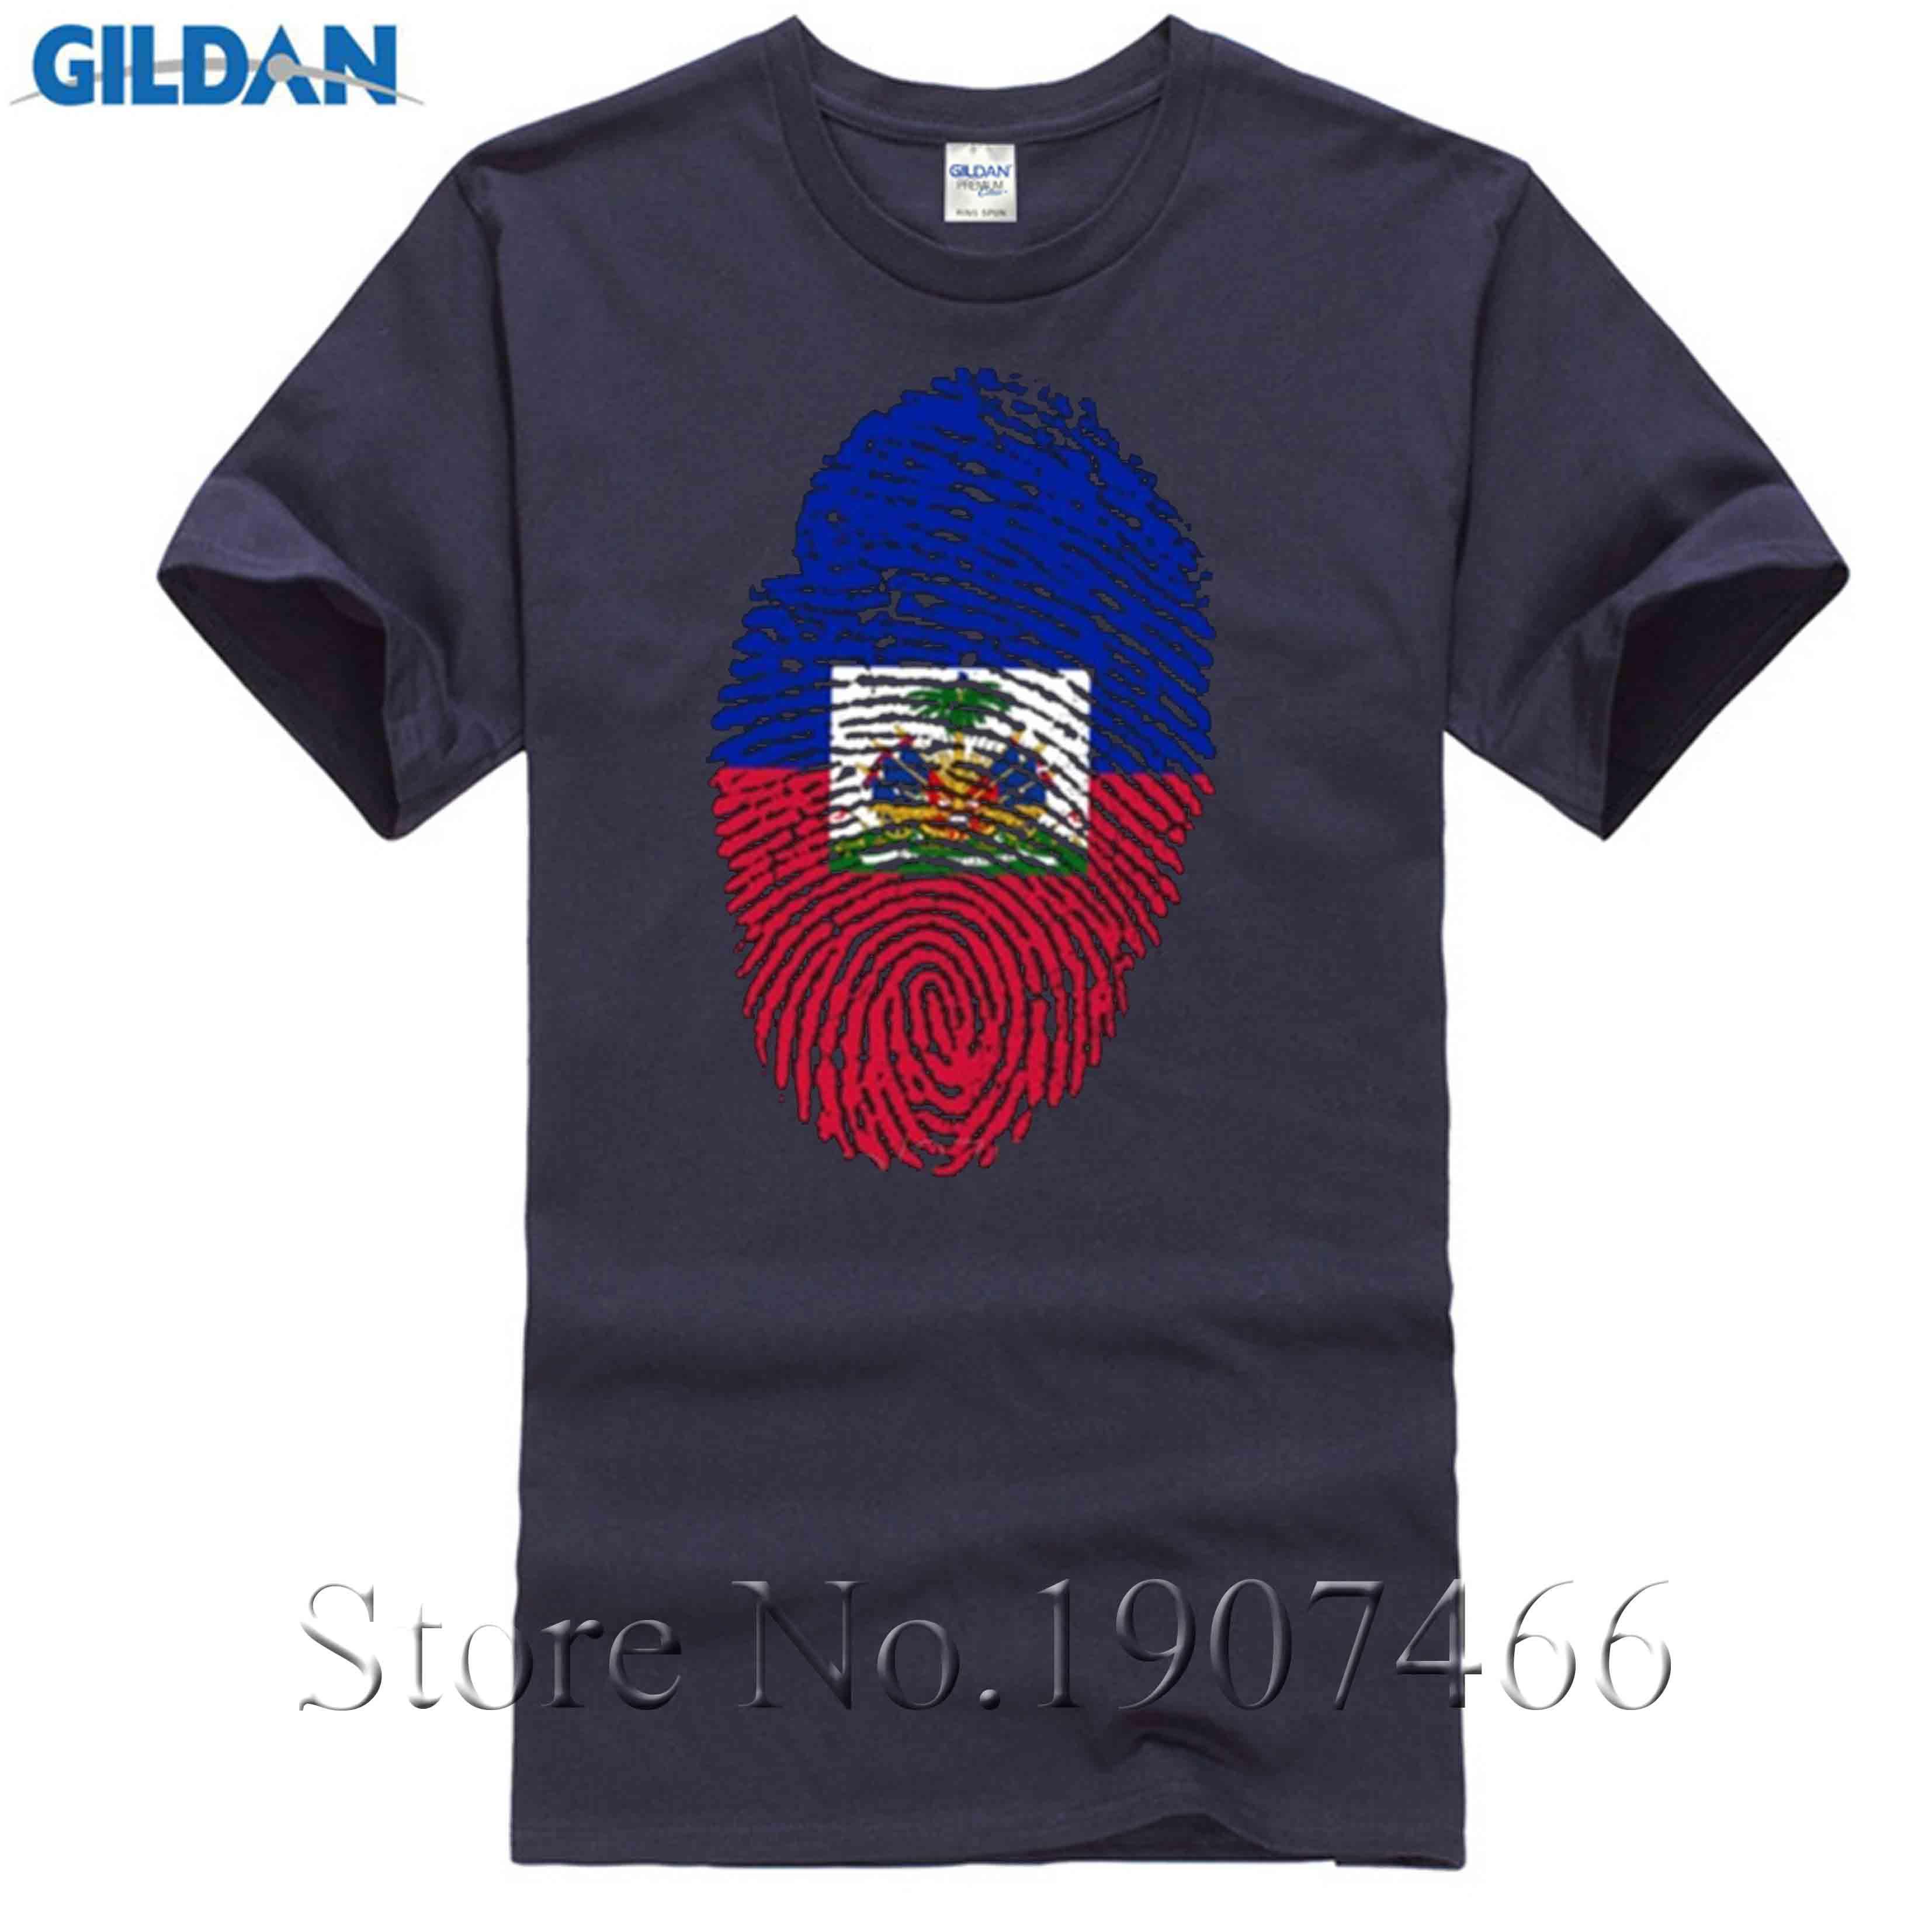 41660c69d05cc Satın Al T Gömlek Erkekler 3d Büyük Boy Haiti Bayrağı Parmak Izi Toptan  Mens Özel Çalışma Tişörtleri Doğal Pamuk Kısa Kollu Erkekler Tees Gömlek,  ...